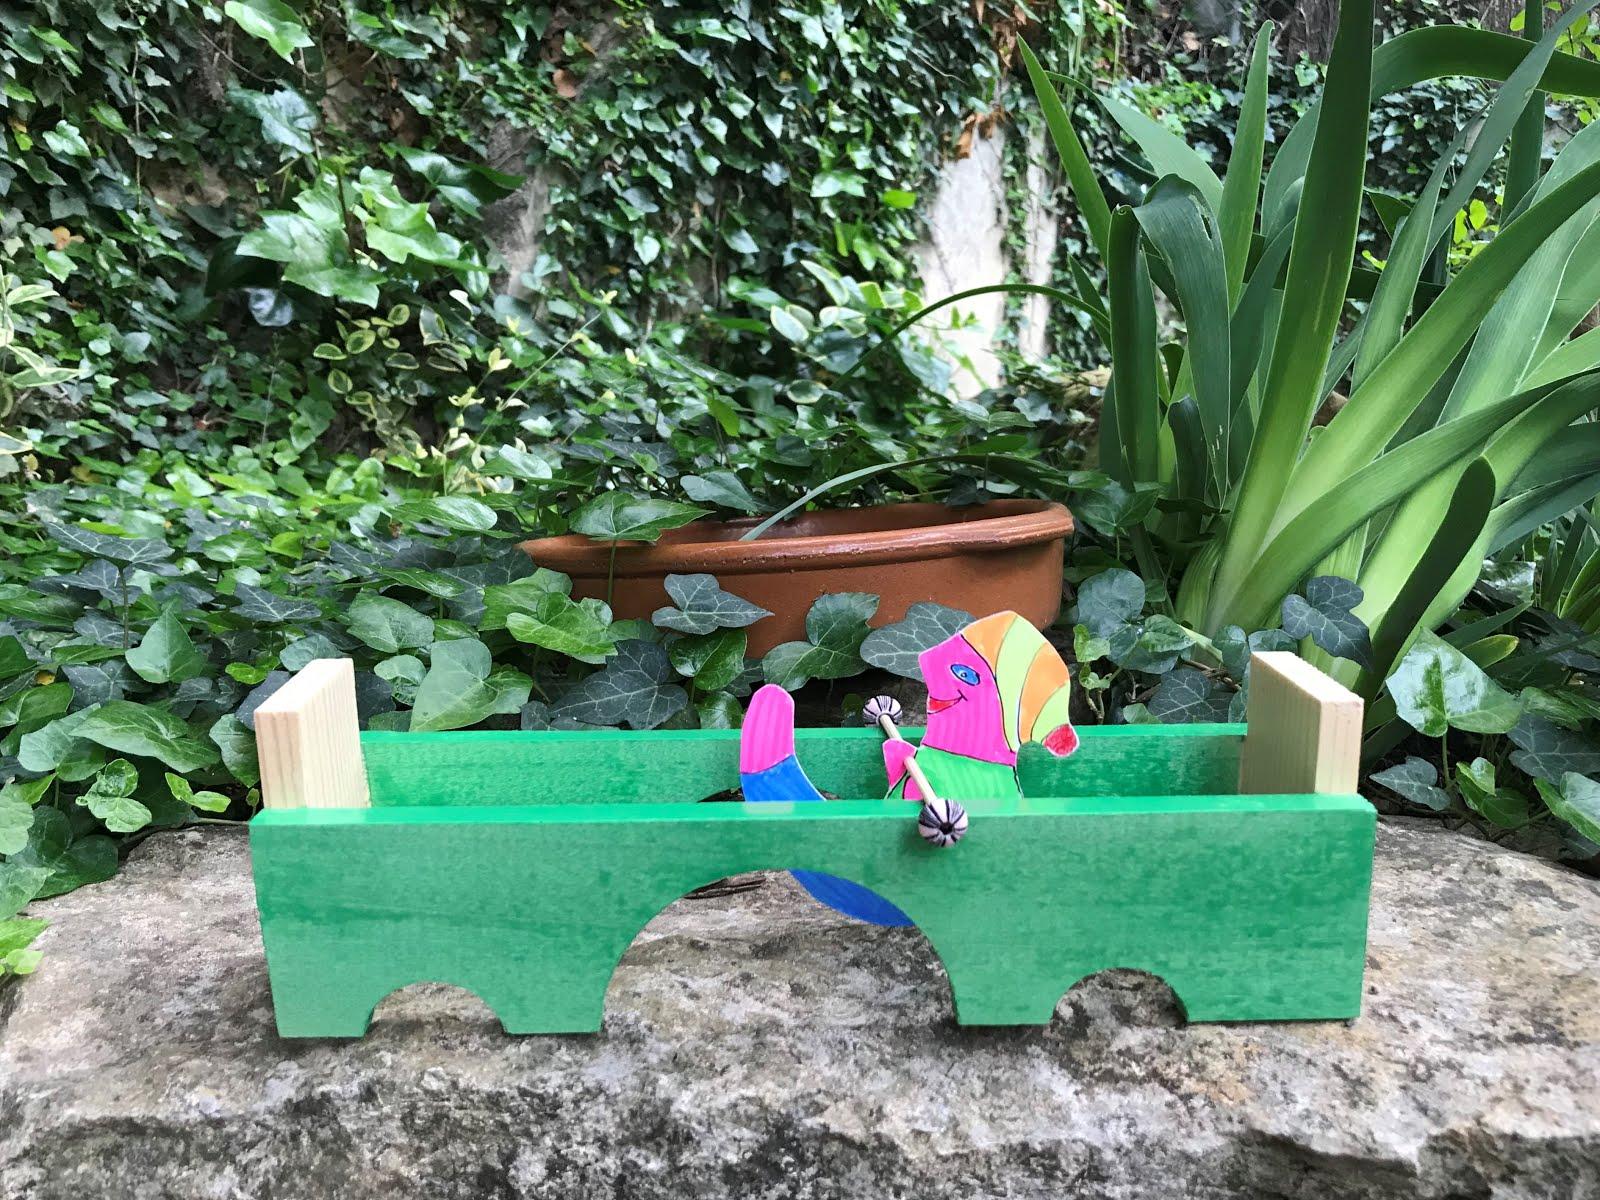 Taller de construcció de joguets